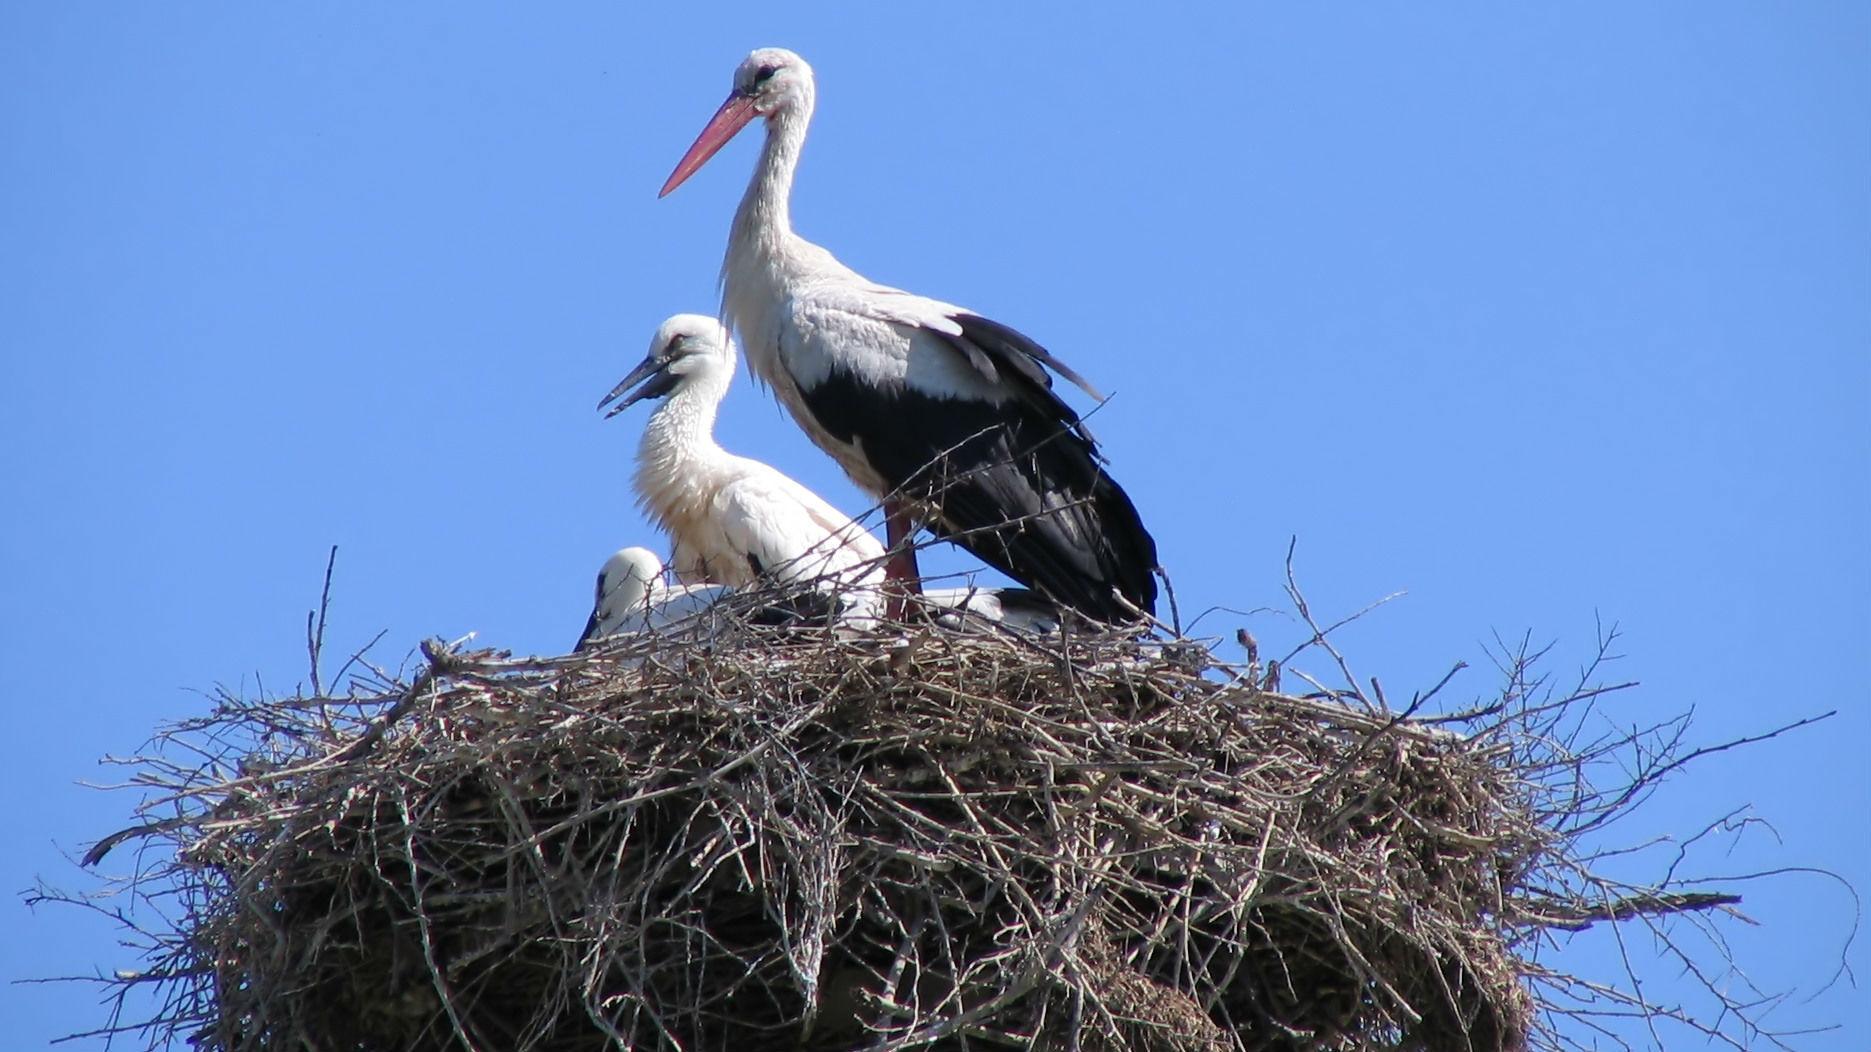 Stork Wallpaper